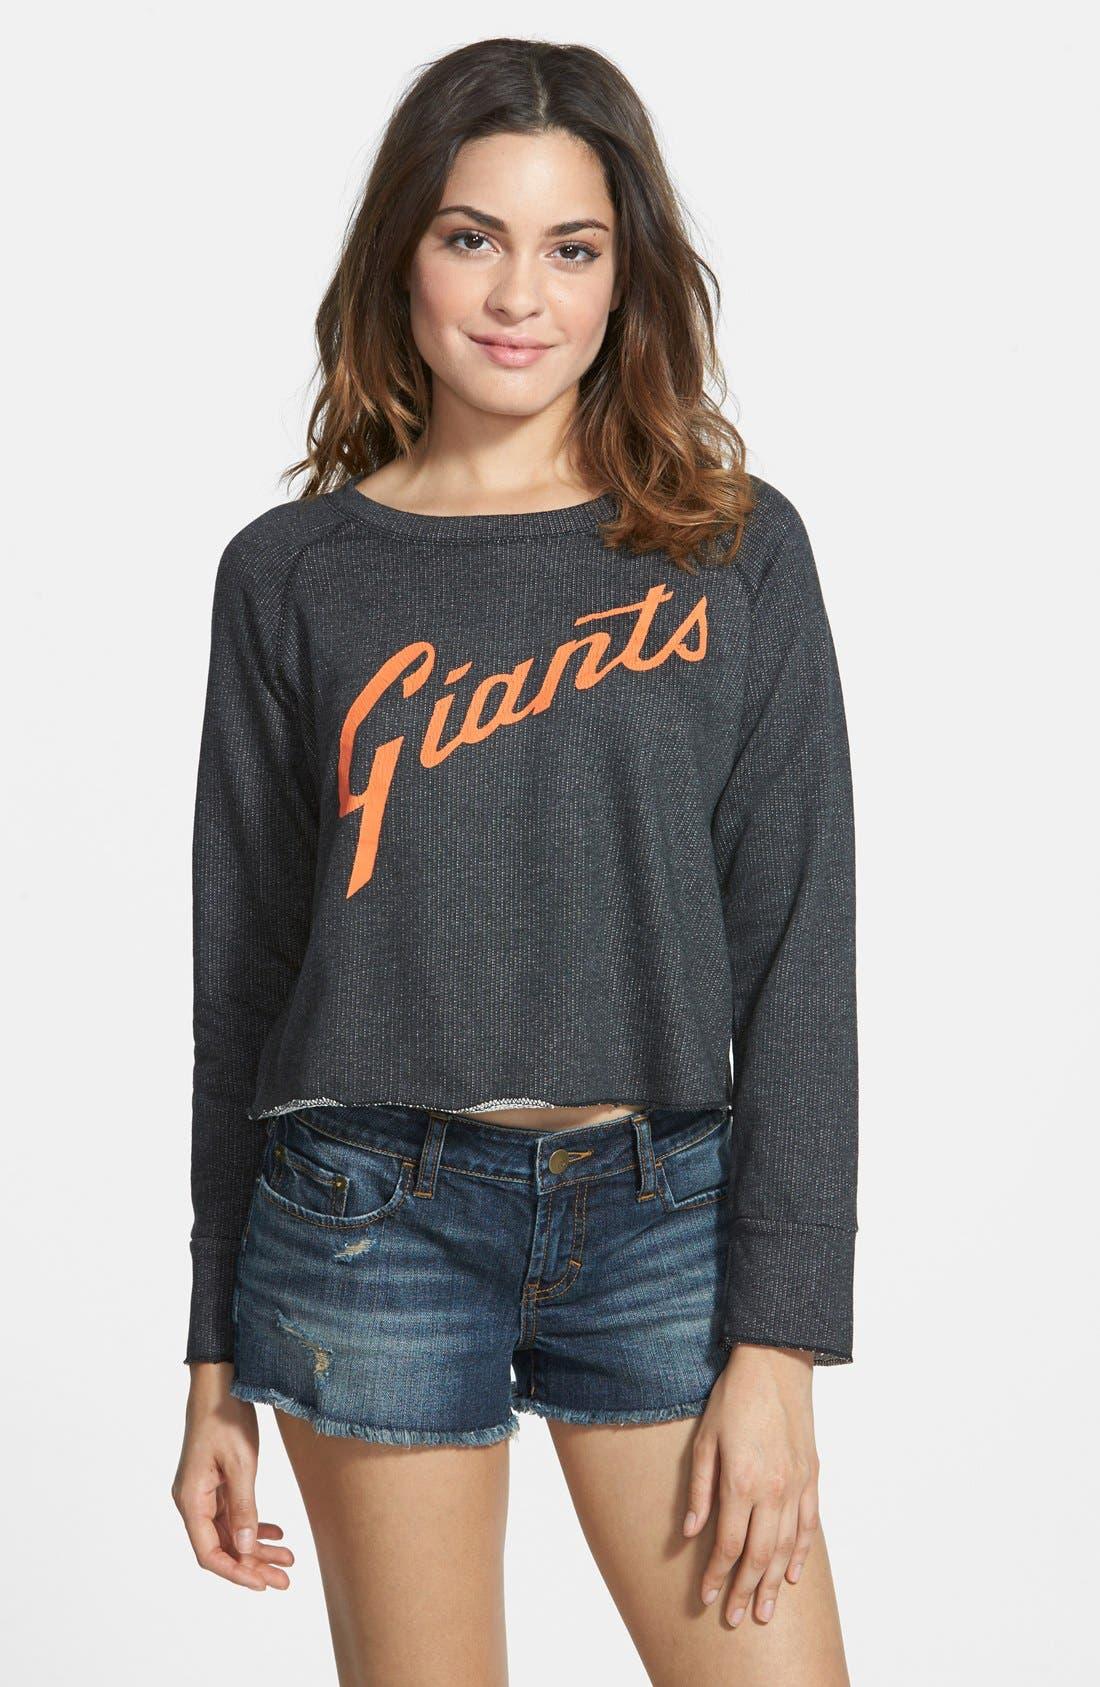 Main Image - Red Jacket 'Giants - Field Day' Crop Sweatshirt (Juniors)